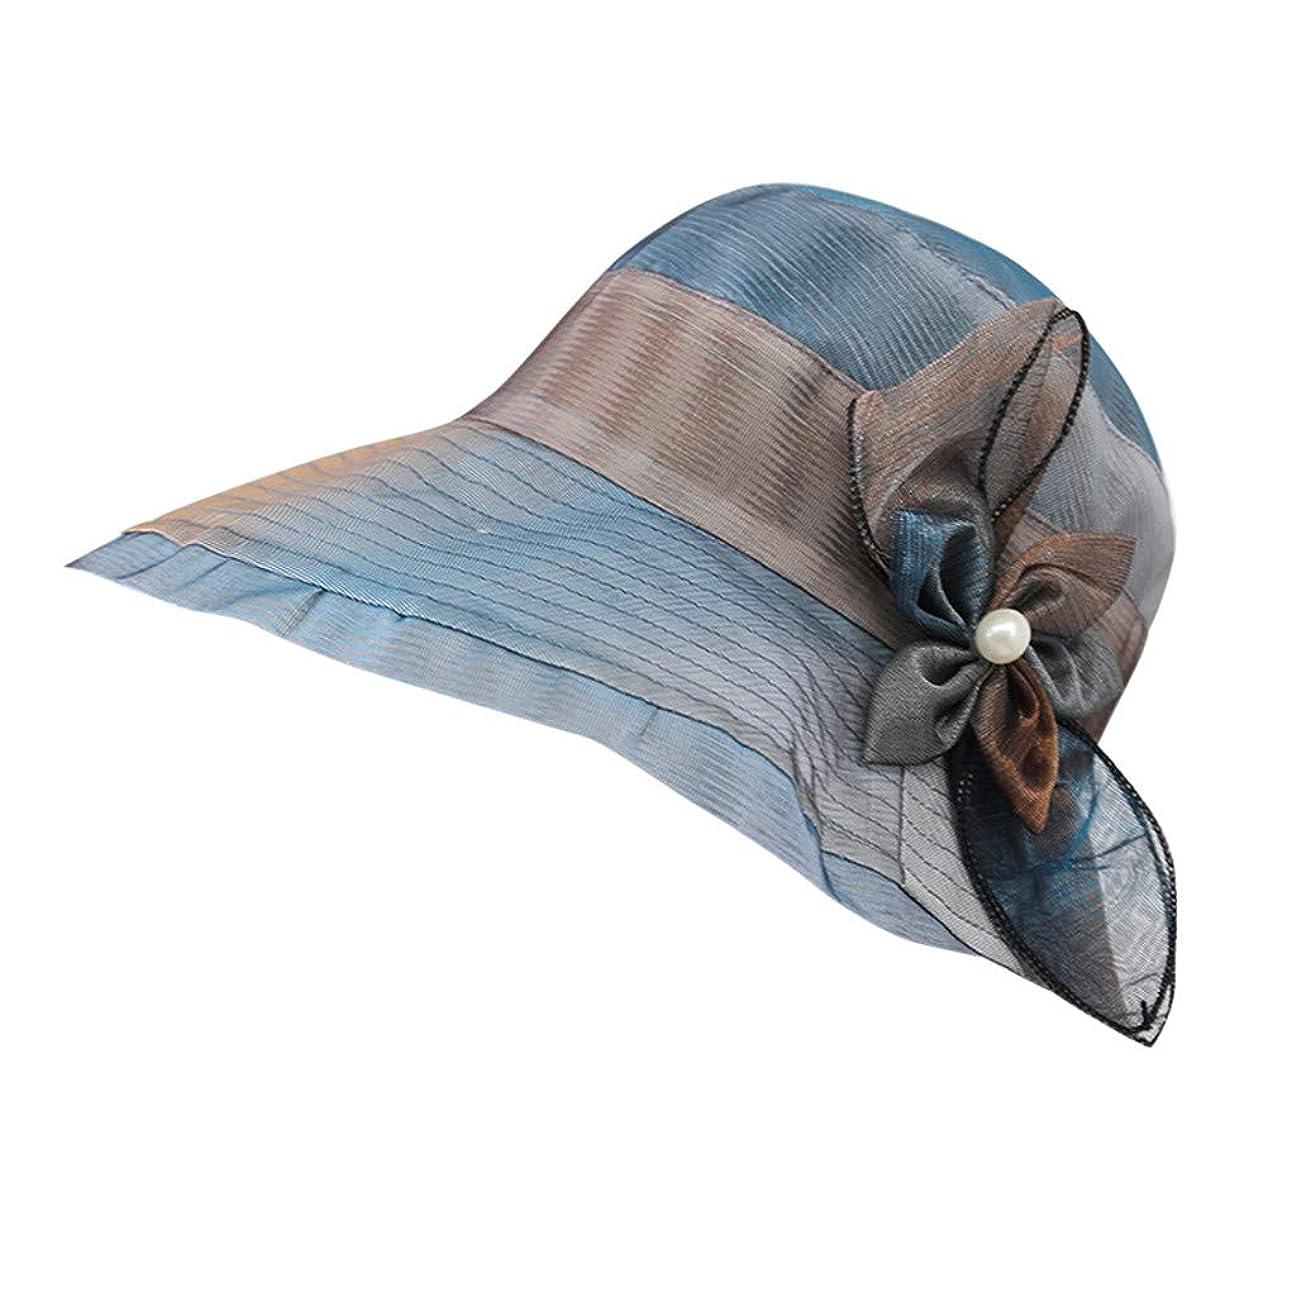 耐える忌まわしい大声でハット レディース UVカット 帽子 レディース 日よけ 帽子 レディース つば広 無地 洗える 紫外線対策 ハット カジュアル 旅行用 日よけ 夏季 女優帽 小顔効果抜群 可愛い 夏季 海 旅行 ROSE ROMAN